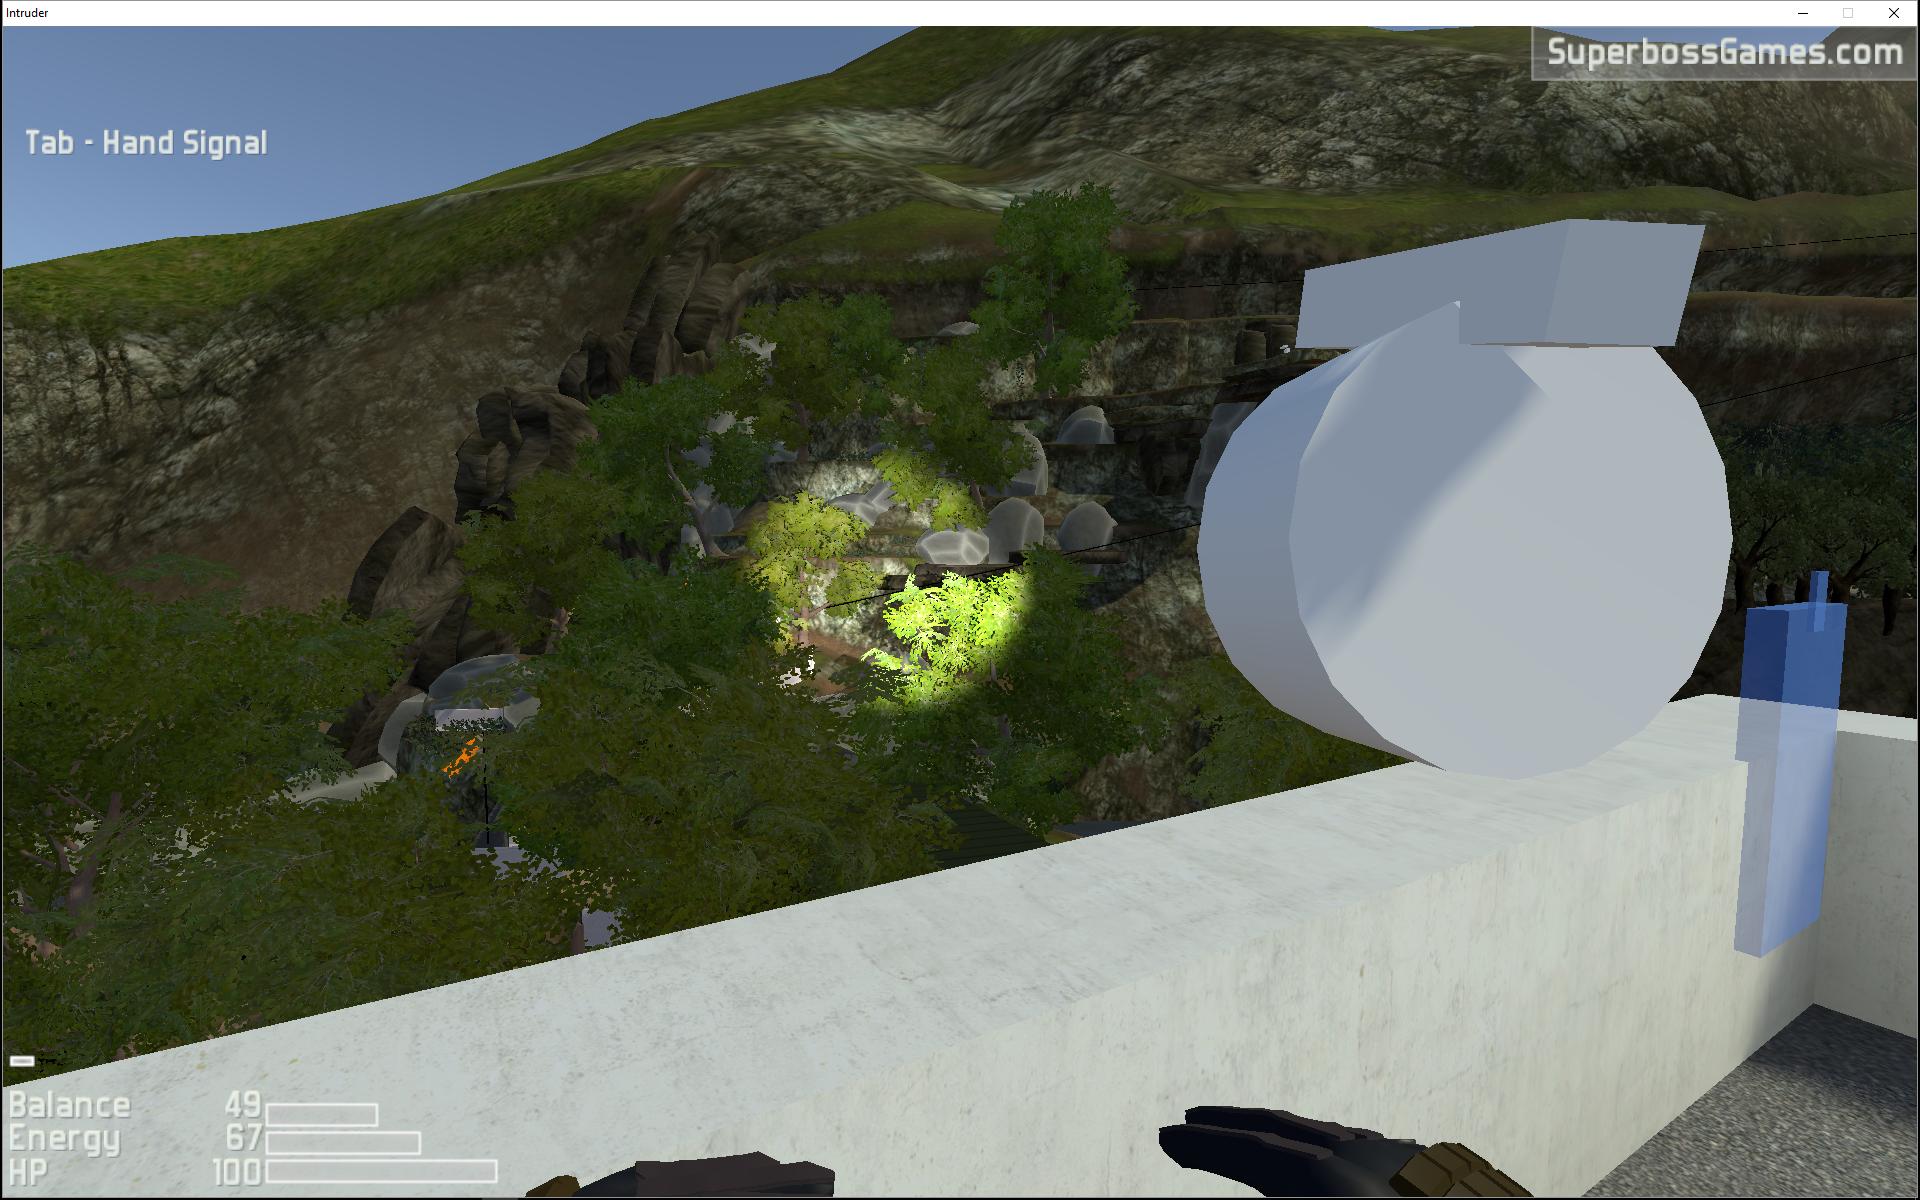 mortar/spotlight on guard building roof